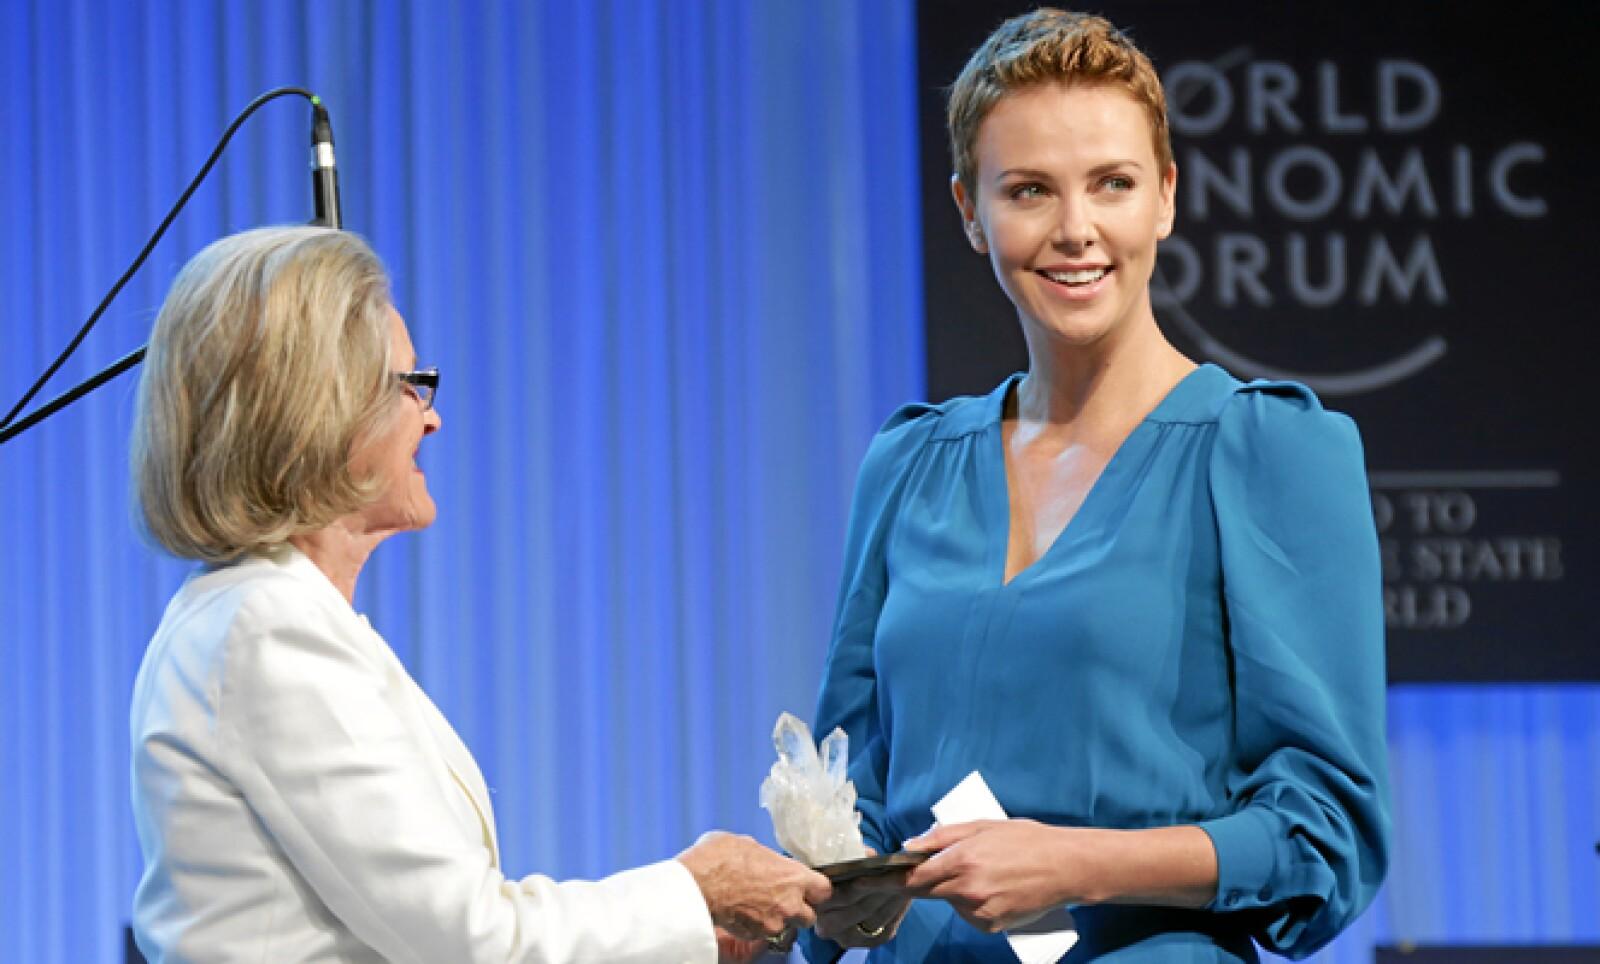 La actriz participó en la inauguración de la reunión anual del WEF en este 2013.